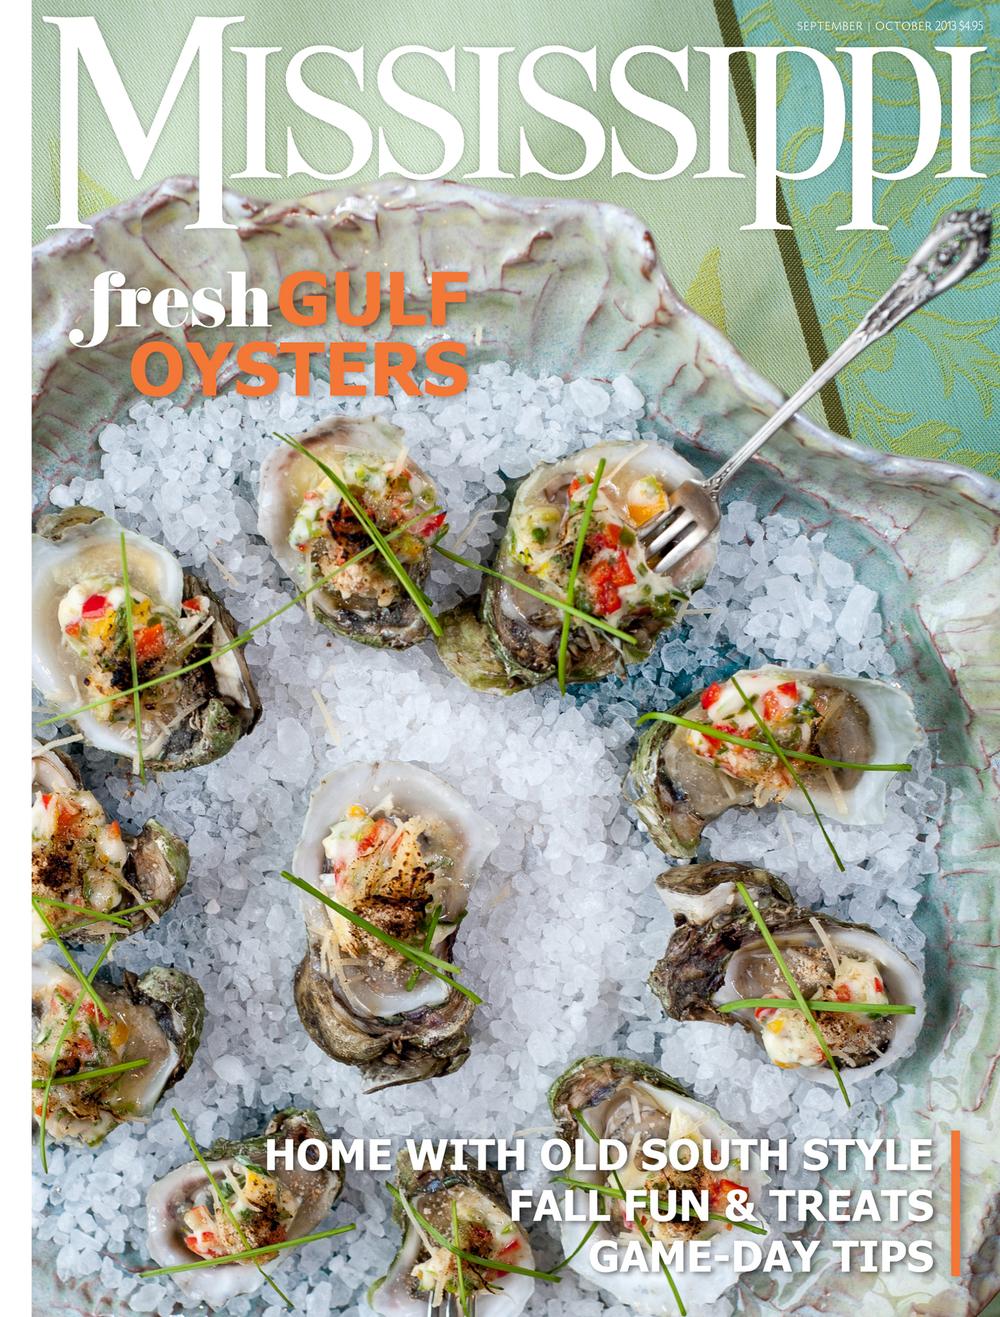 Magazines web OPTIMIZE 2015-8.jpg